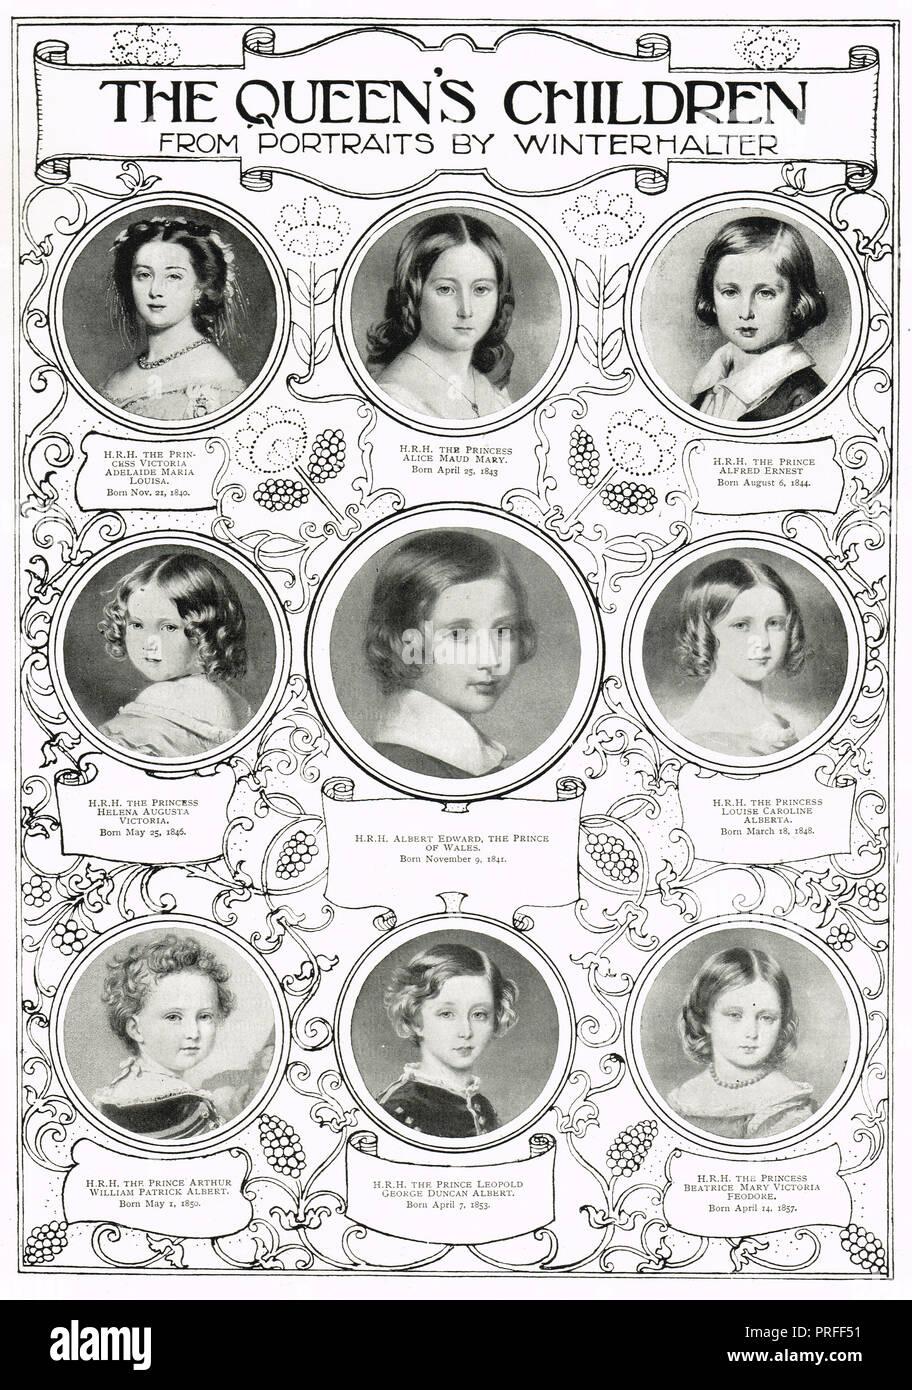 Les enfants de la reine Victoria Photo Stock